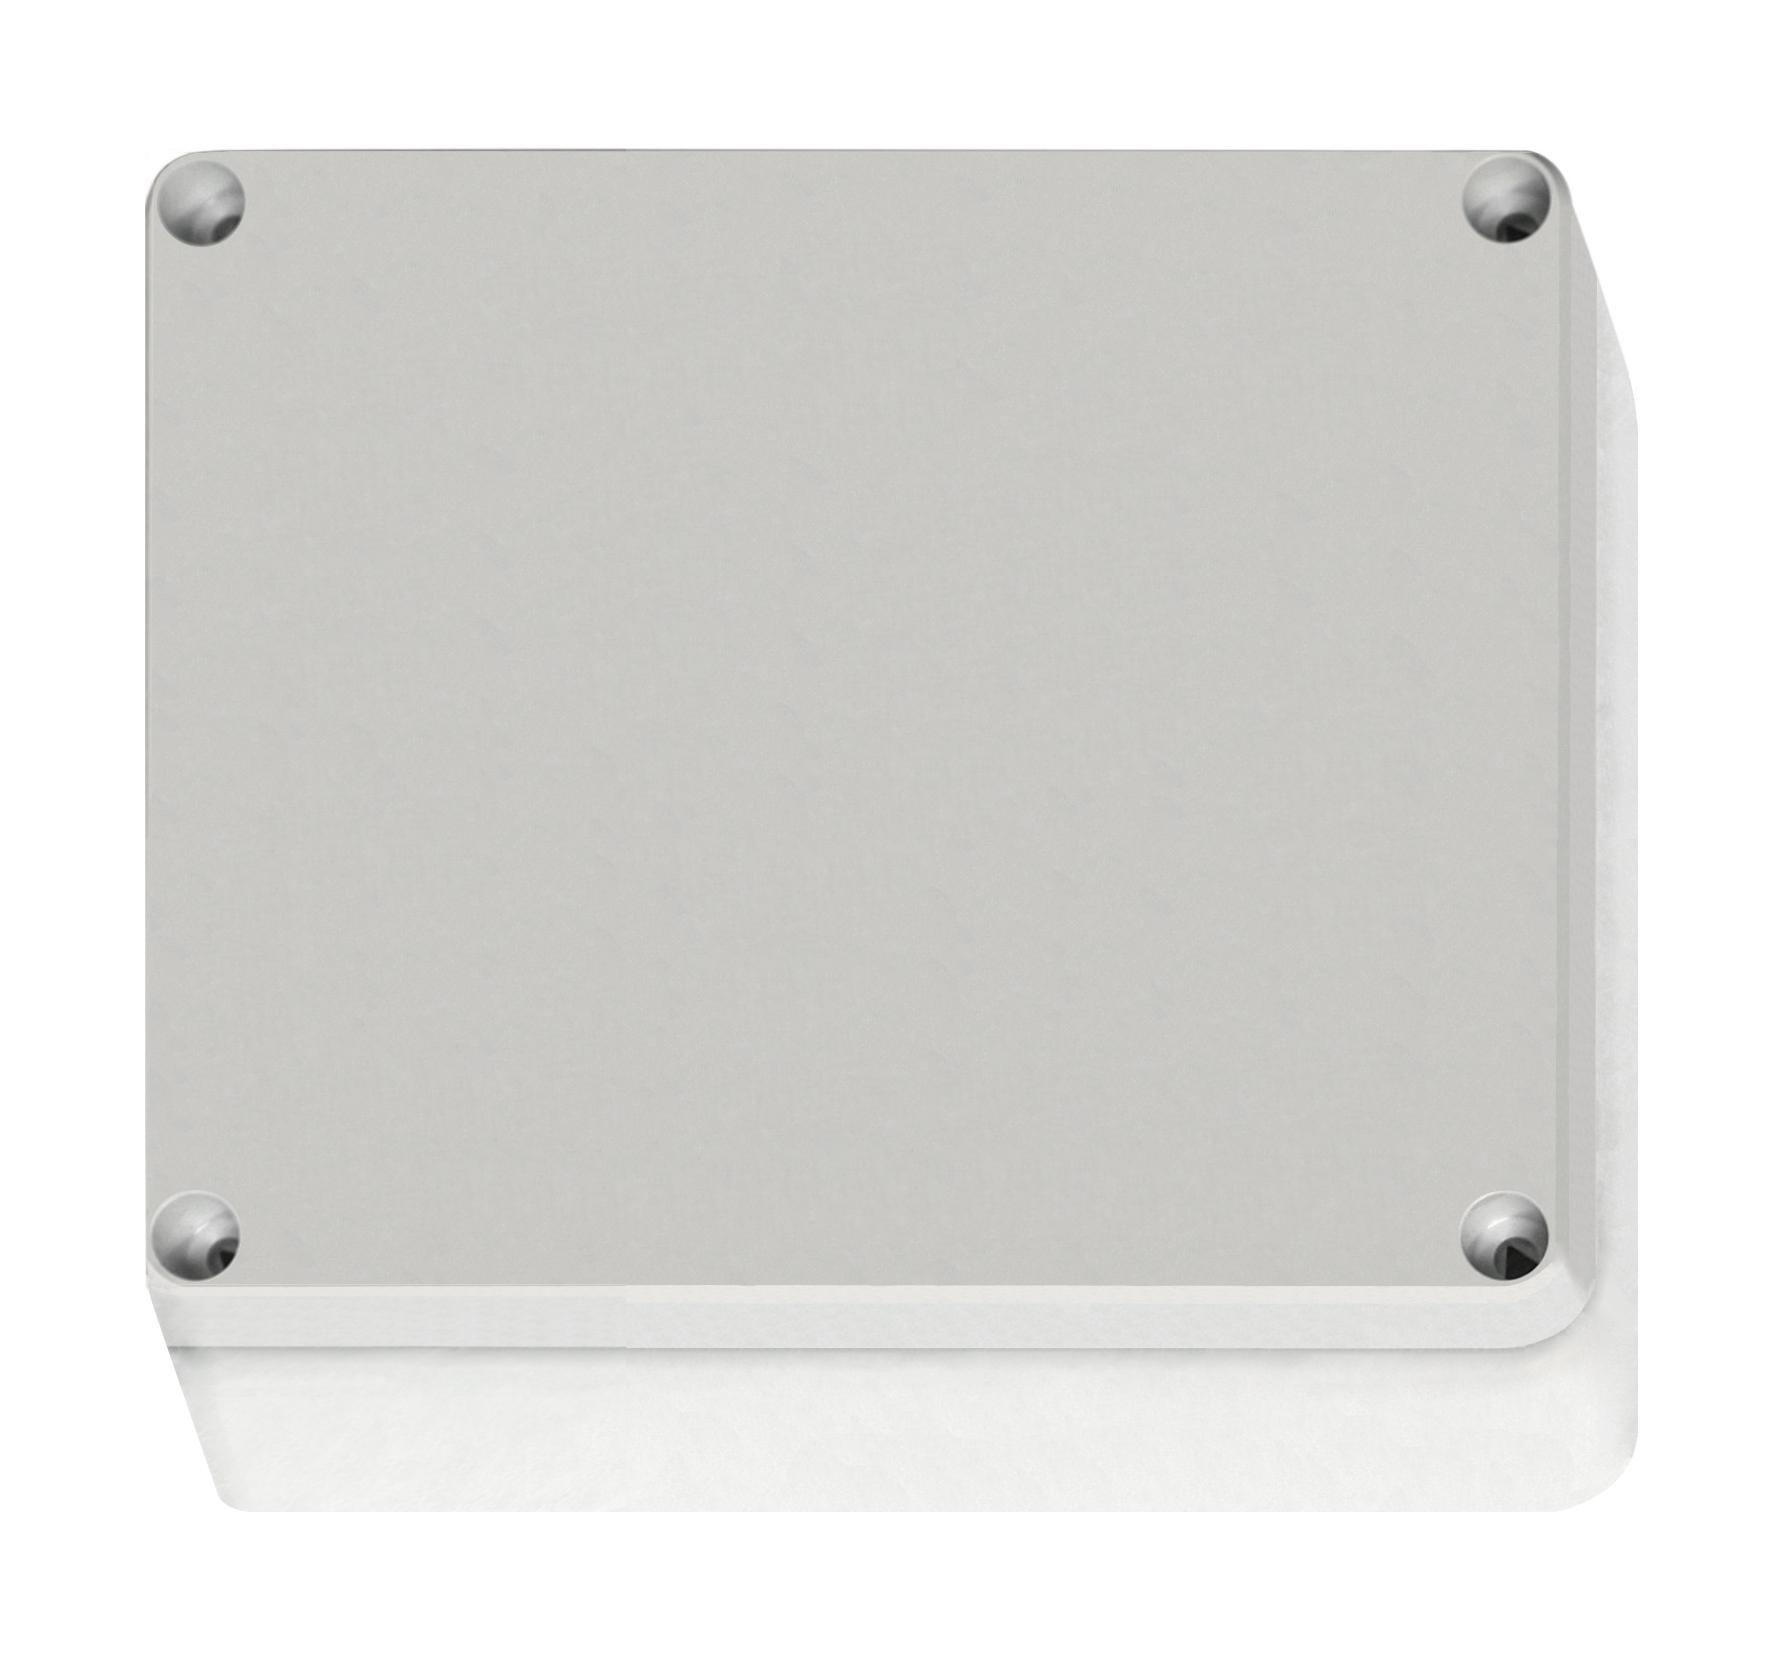 1 Stk ABS Gehäuse mit Deckel grau, 201x163x98mm, metrisch IG707025--